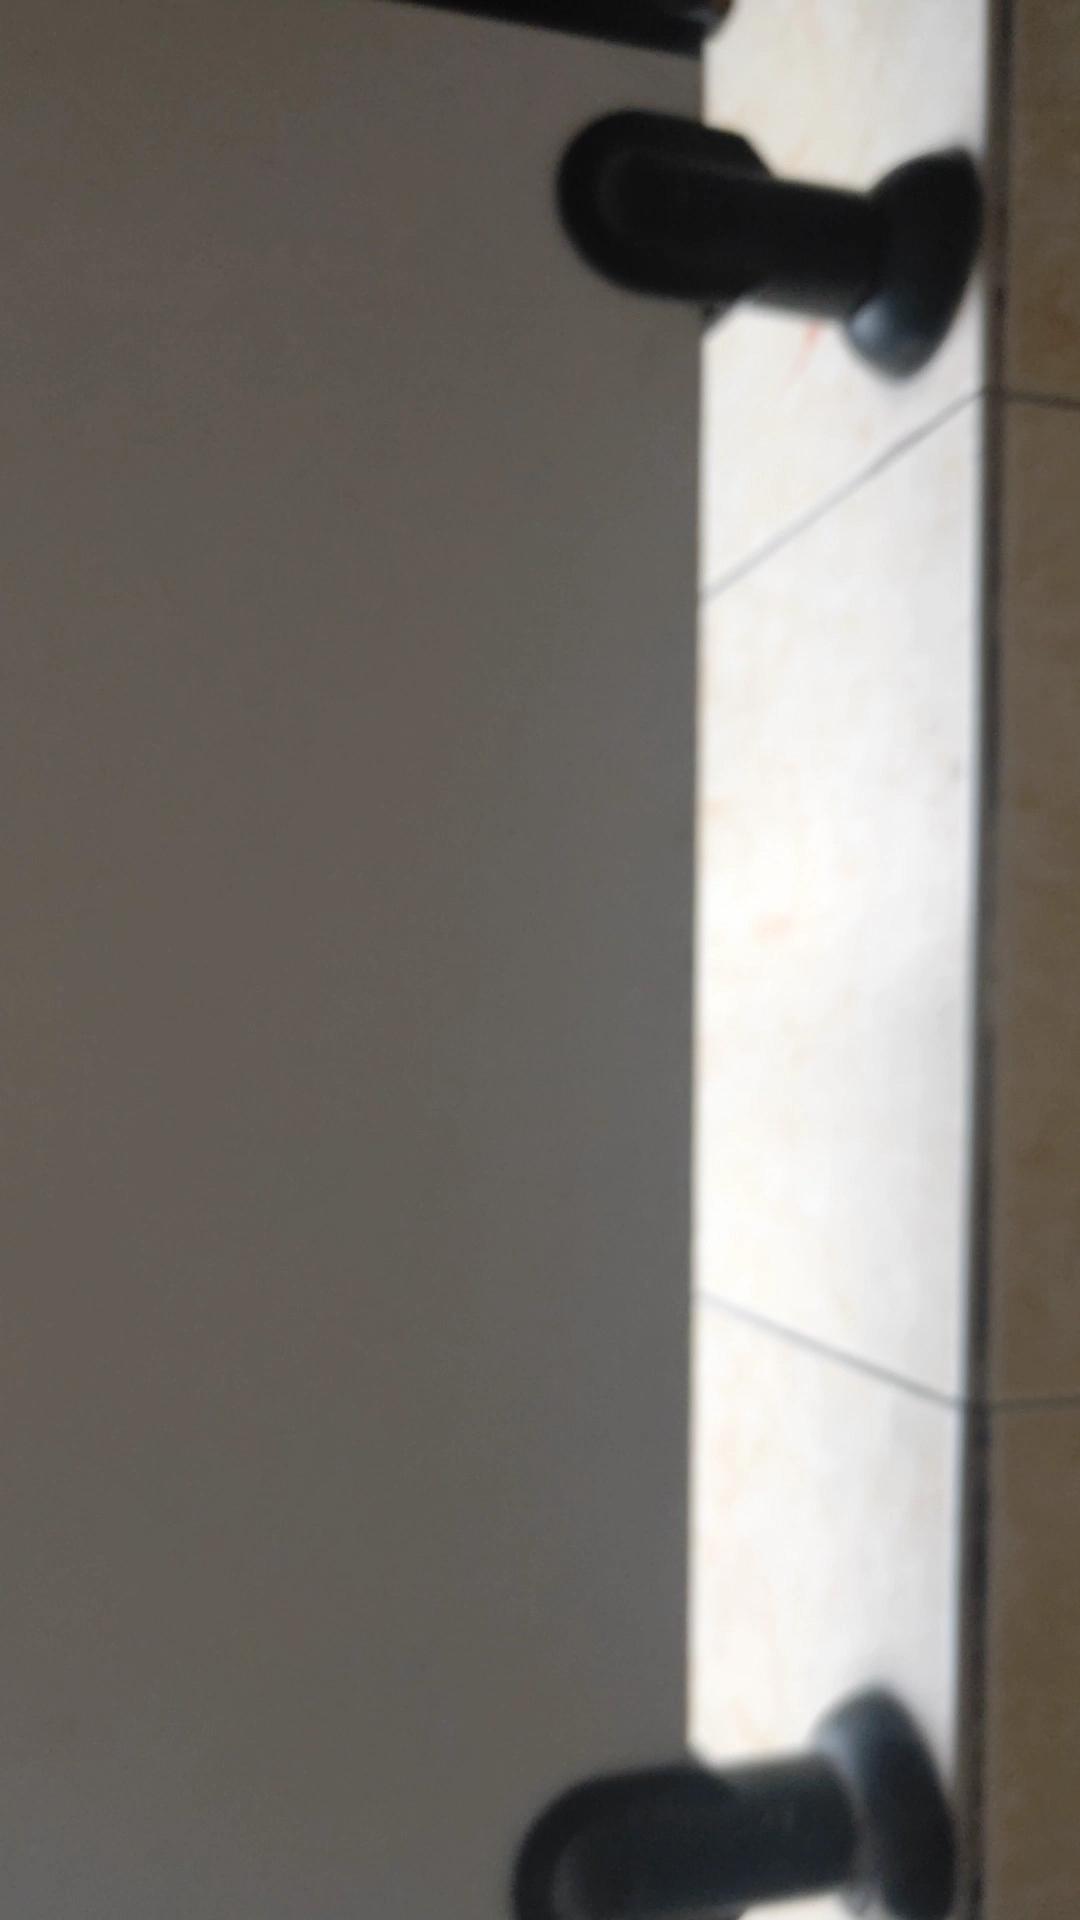 [短视频区] 这个逼,比较喜欢干净~爱心??关注评论,